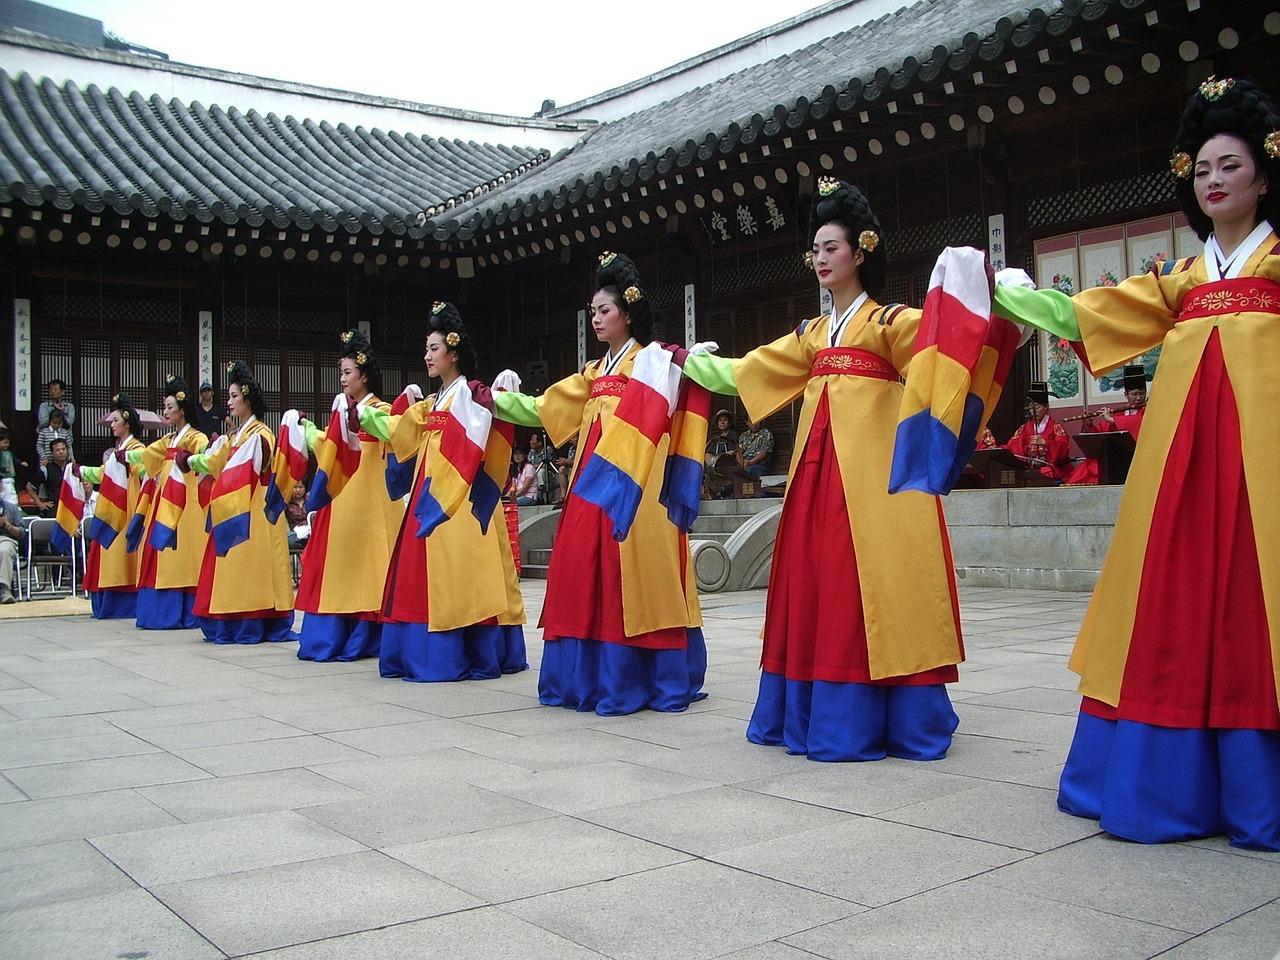 韓国の反日感情